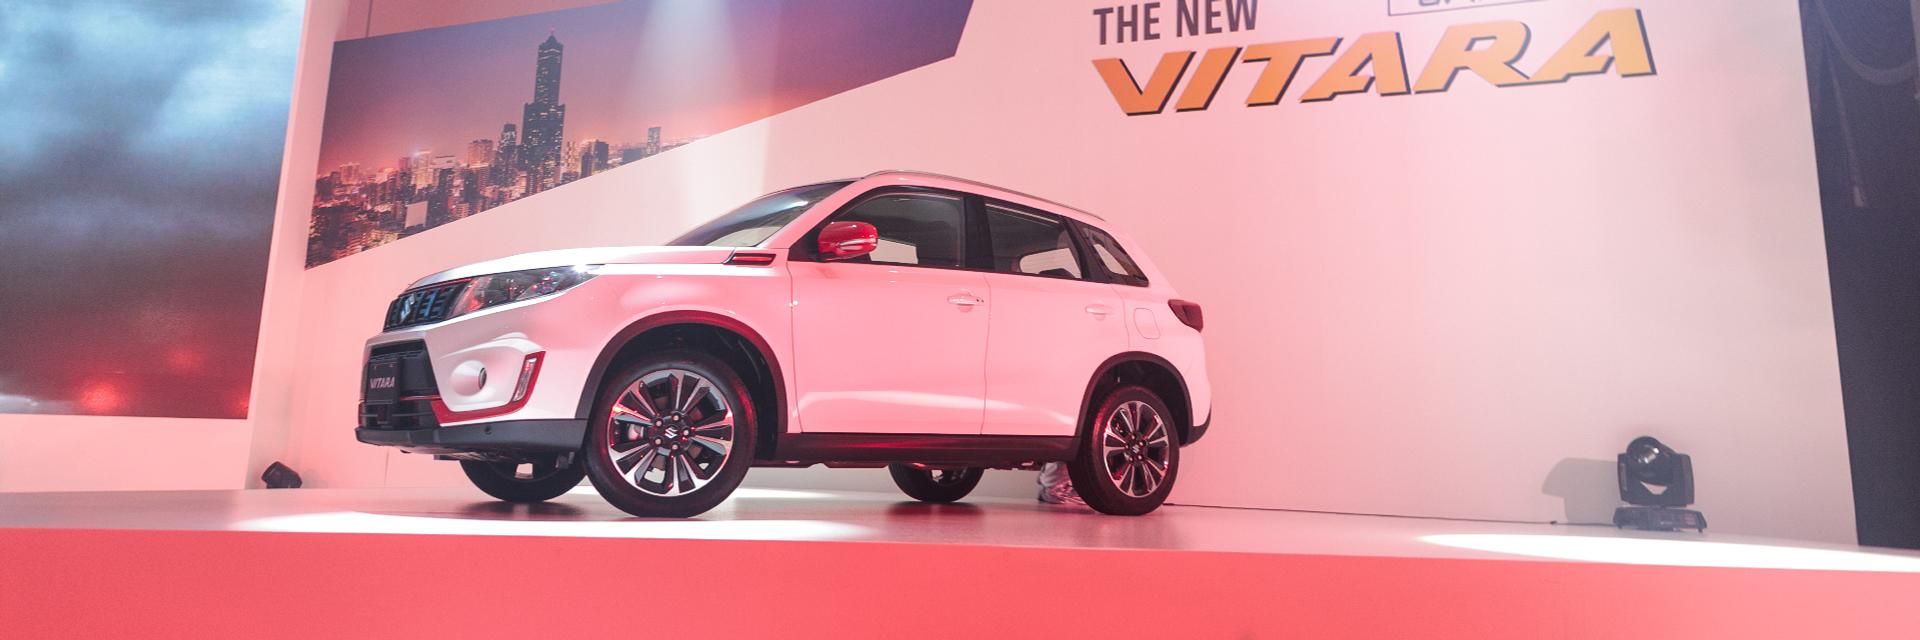 耍野也要顧安全!Suzuki Vitara 小改款安全性能大升級,77 萬立即享有百萬規格